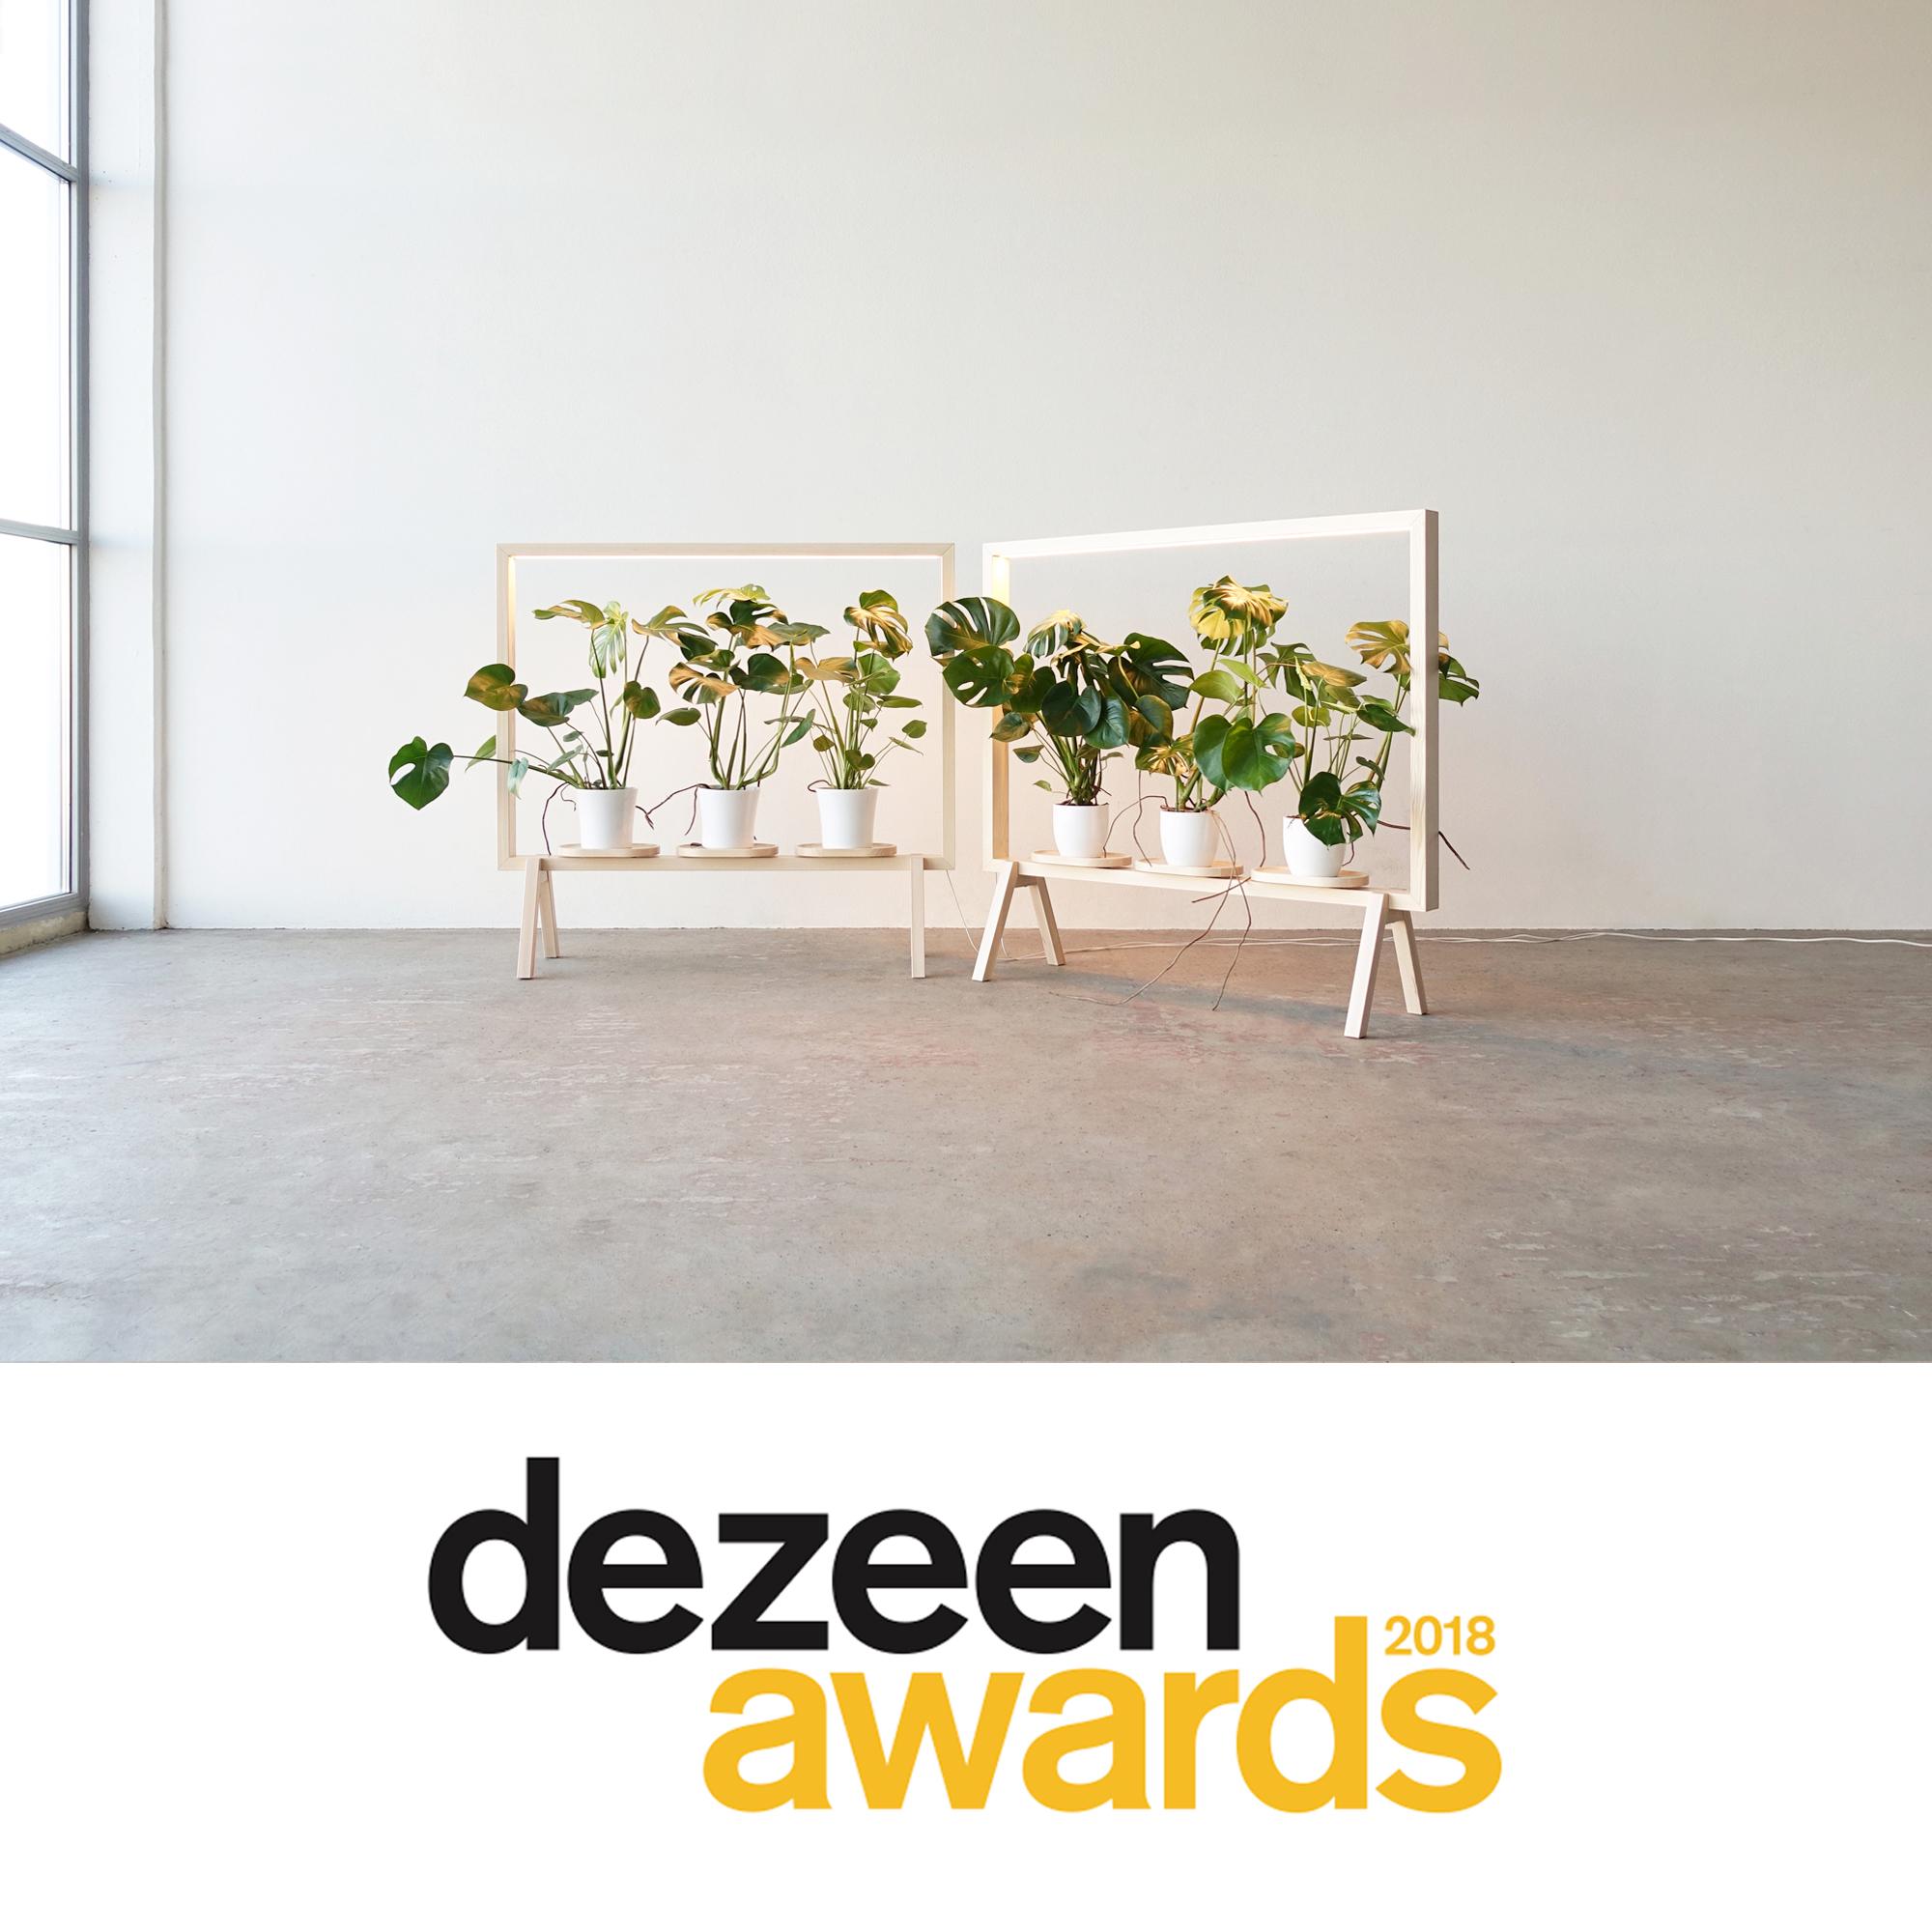 Dezeen Awards 2018 - GreenFrame by Johan Kauppi at Kauppi & Kauppi (1).jpg